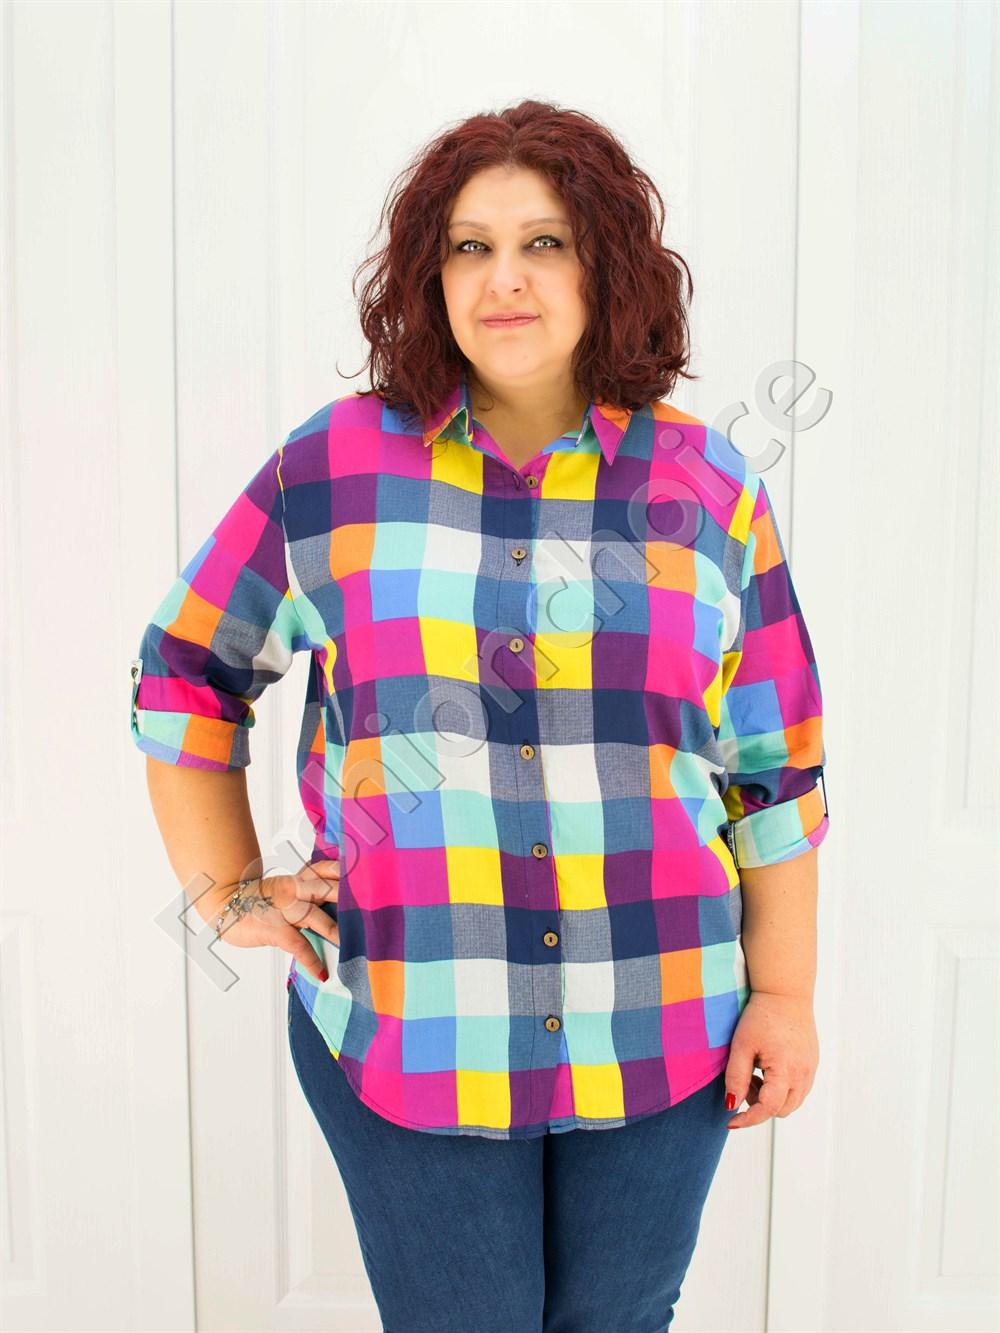 179e09588ad7 Ανοιξιάτικο καρό πουκάμισο κωδ 704 από το fashionchoice.gr